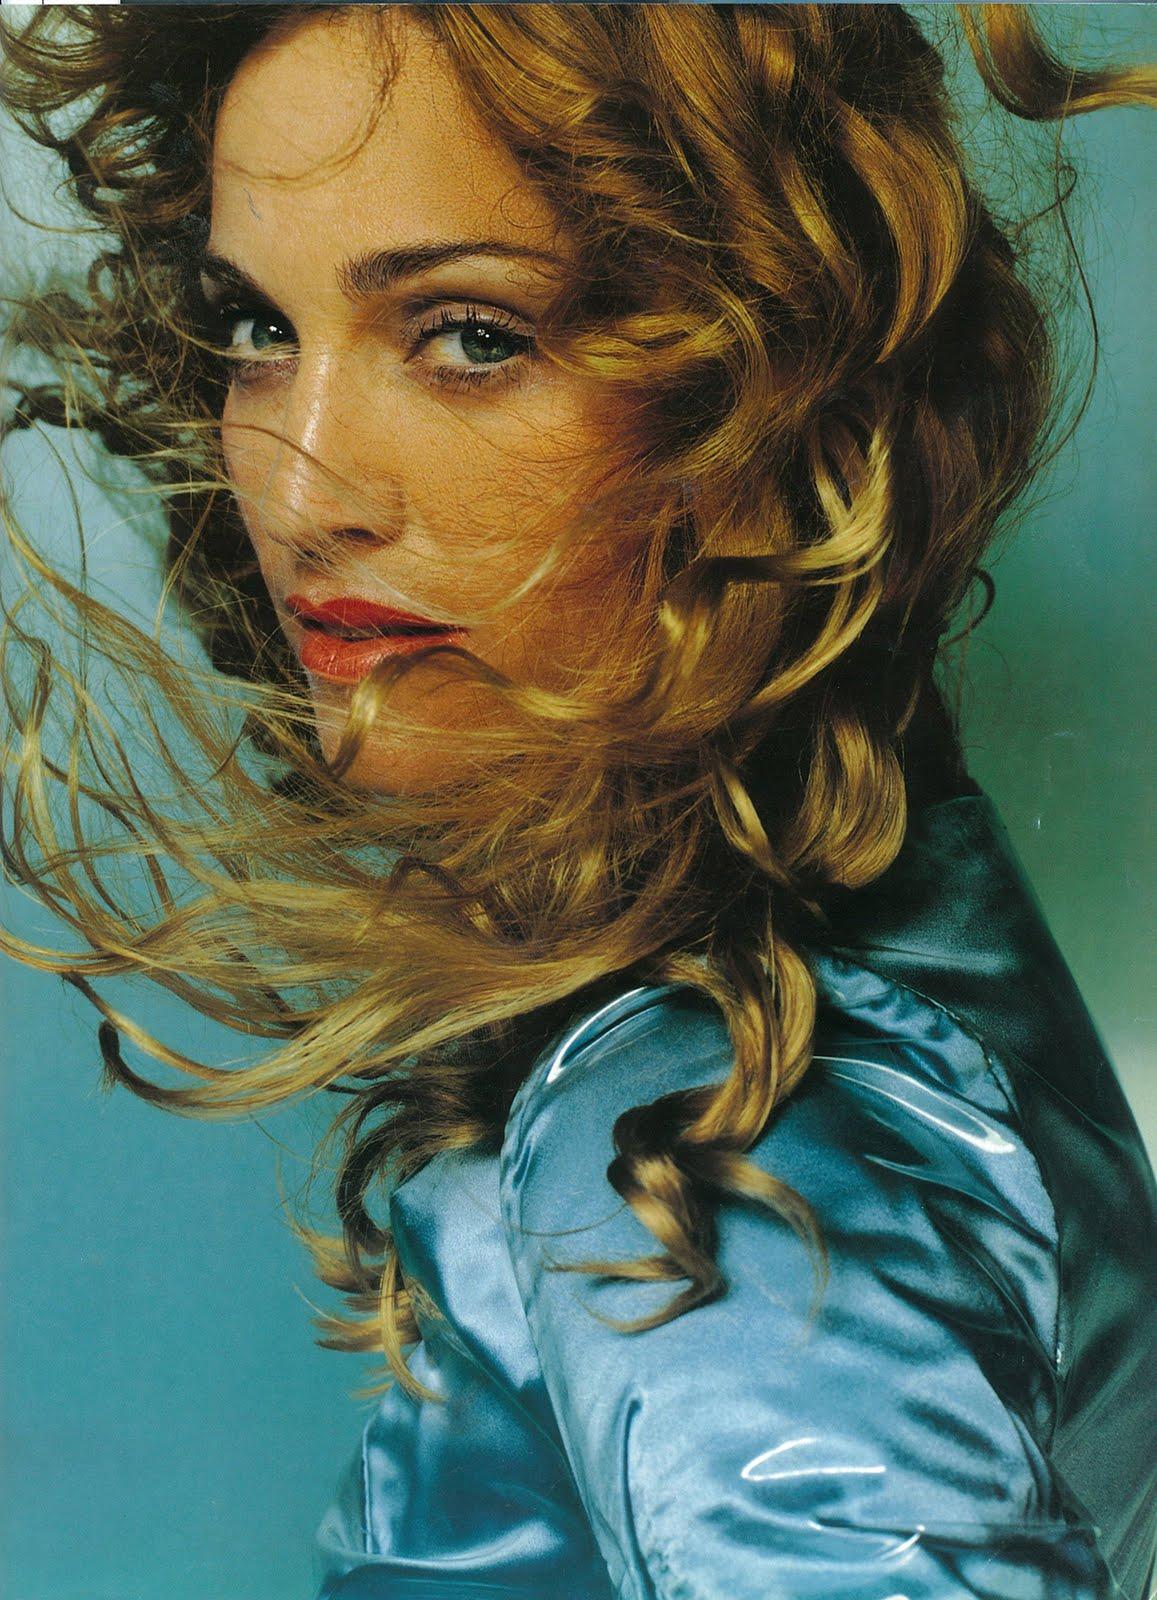 http://4.bp.blogspot.com/-Sk-BbLS7GRI/TVwg02eGIlI/AAAAAAAAARY/gWWmu1Wc5-k/s1600/Madonna.jpg